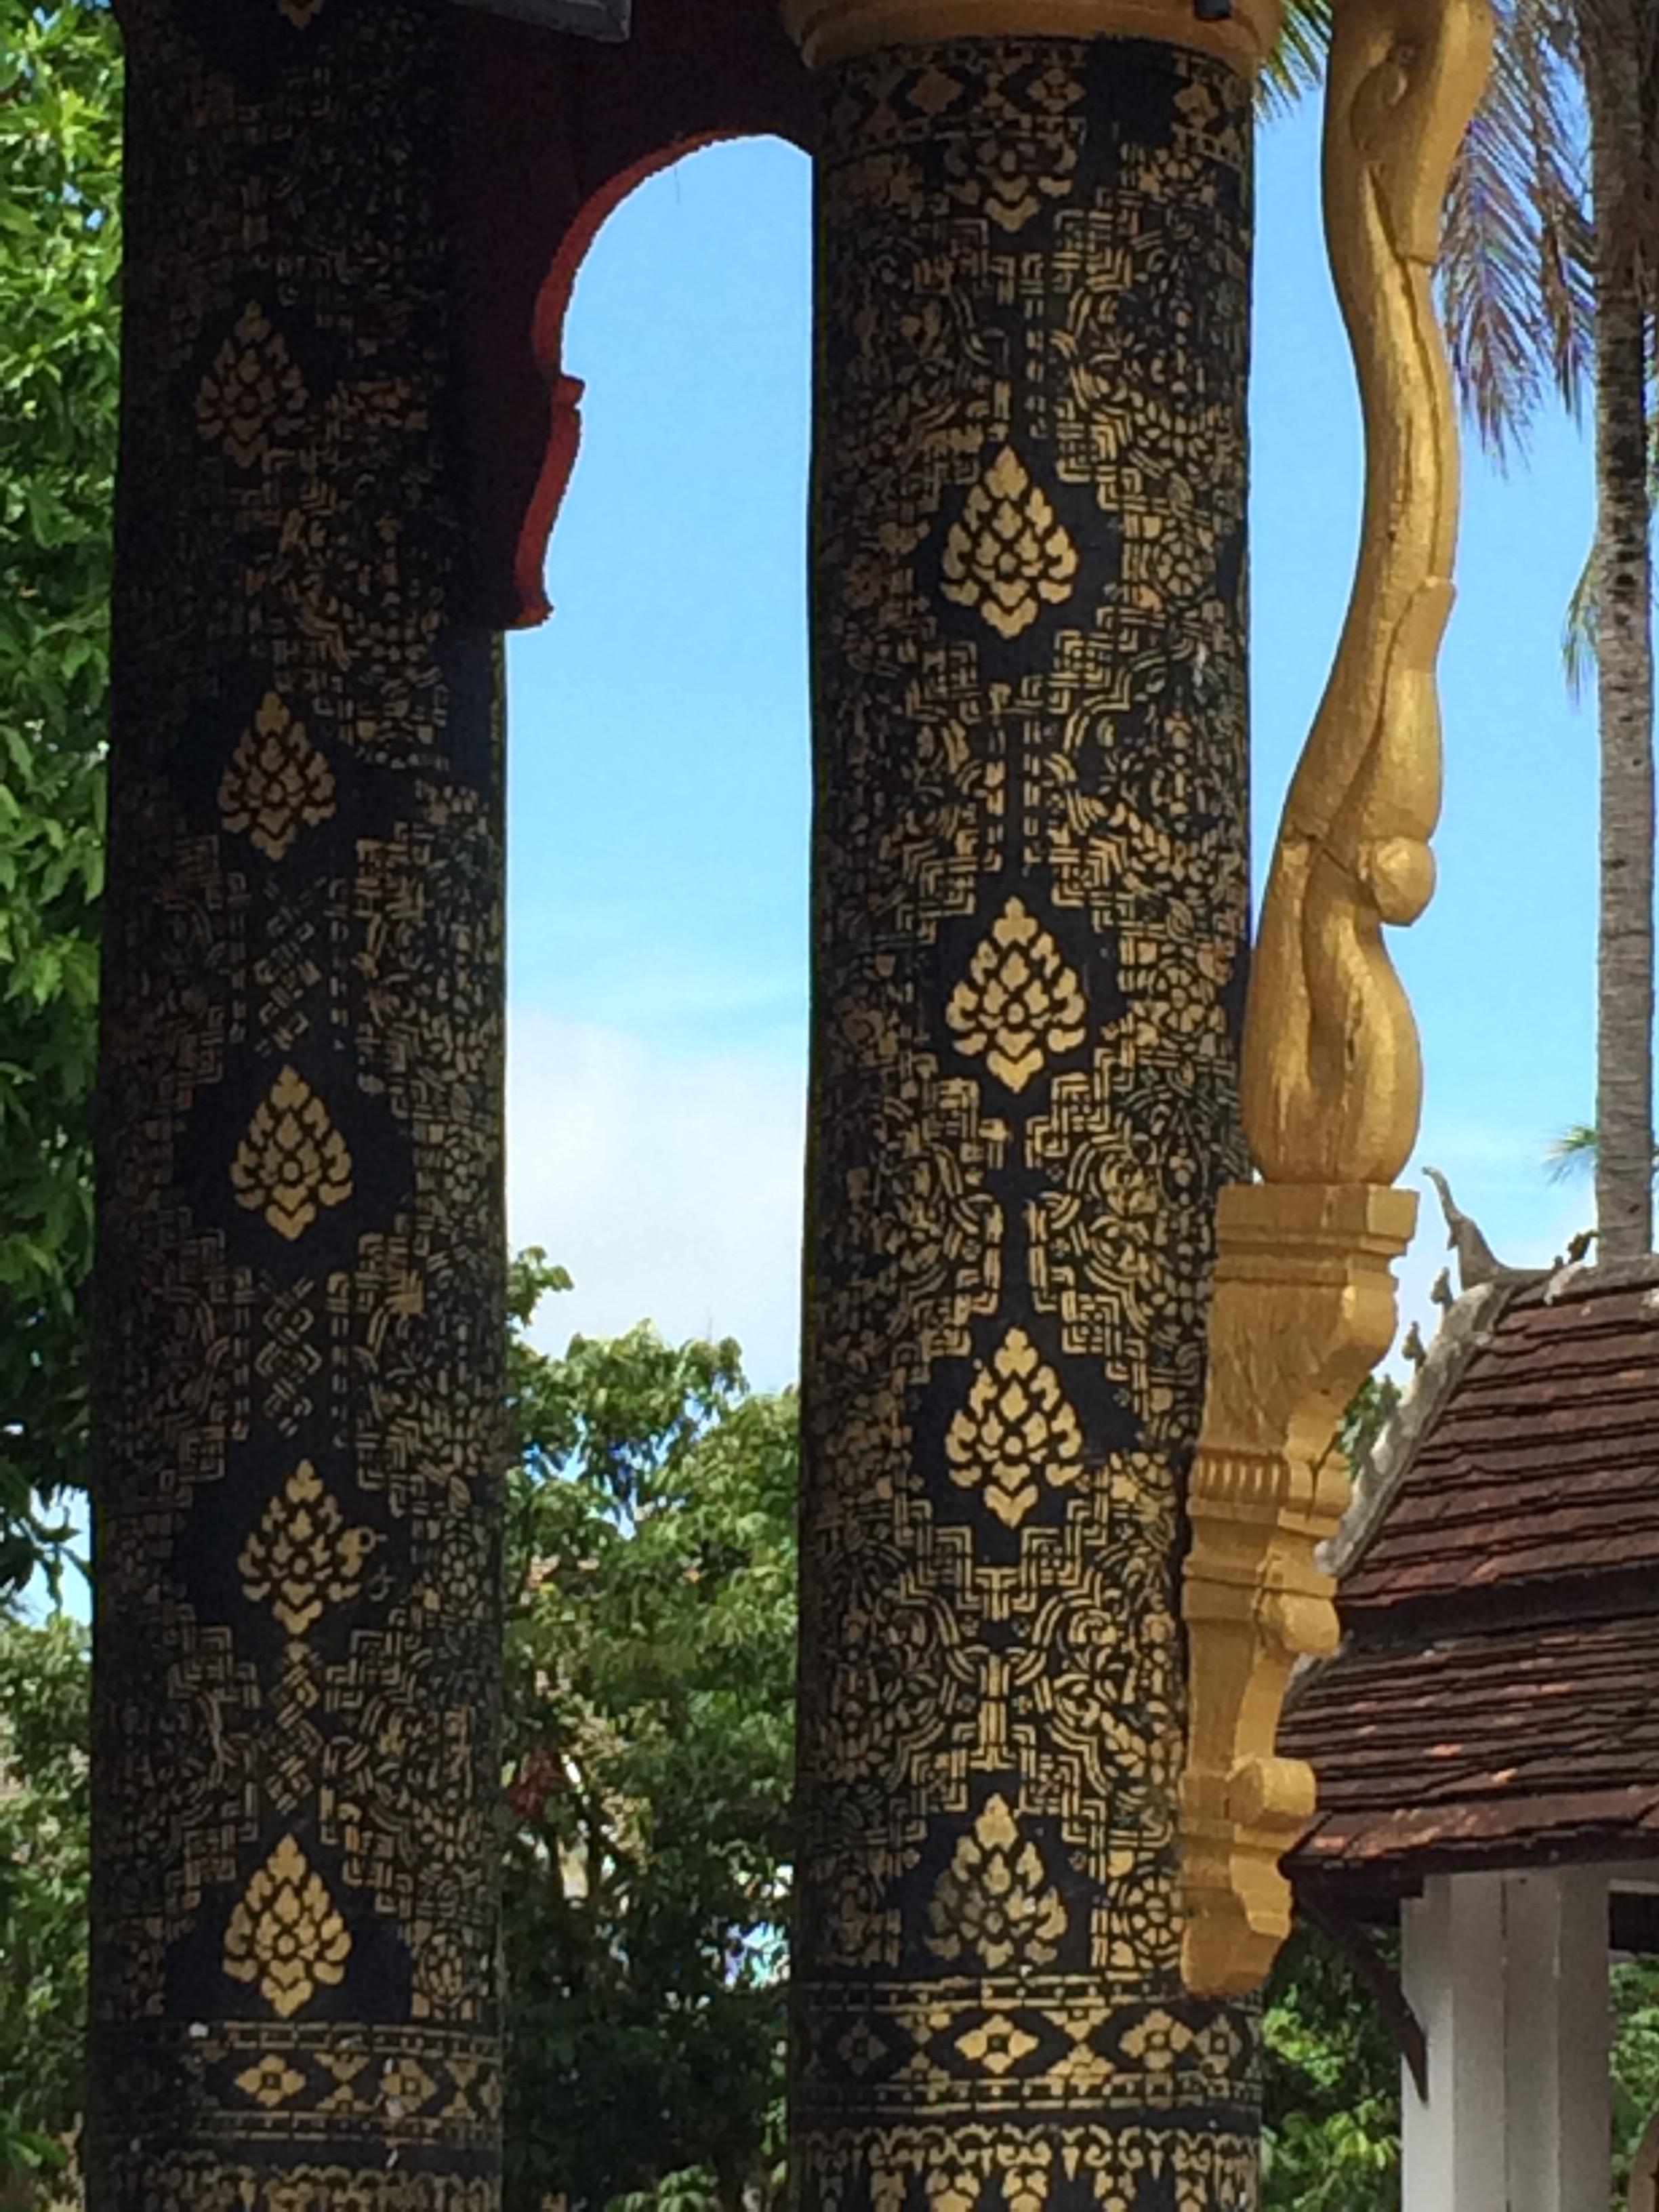 Decorative arts in Lao temple